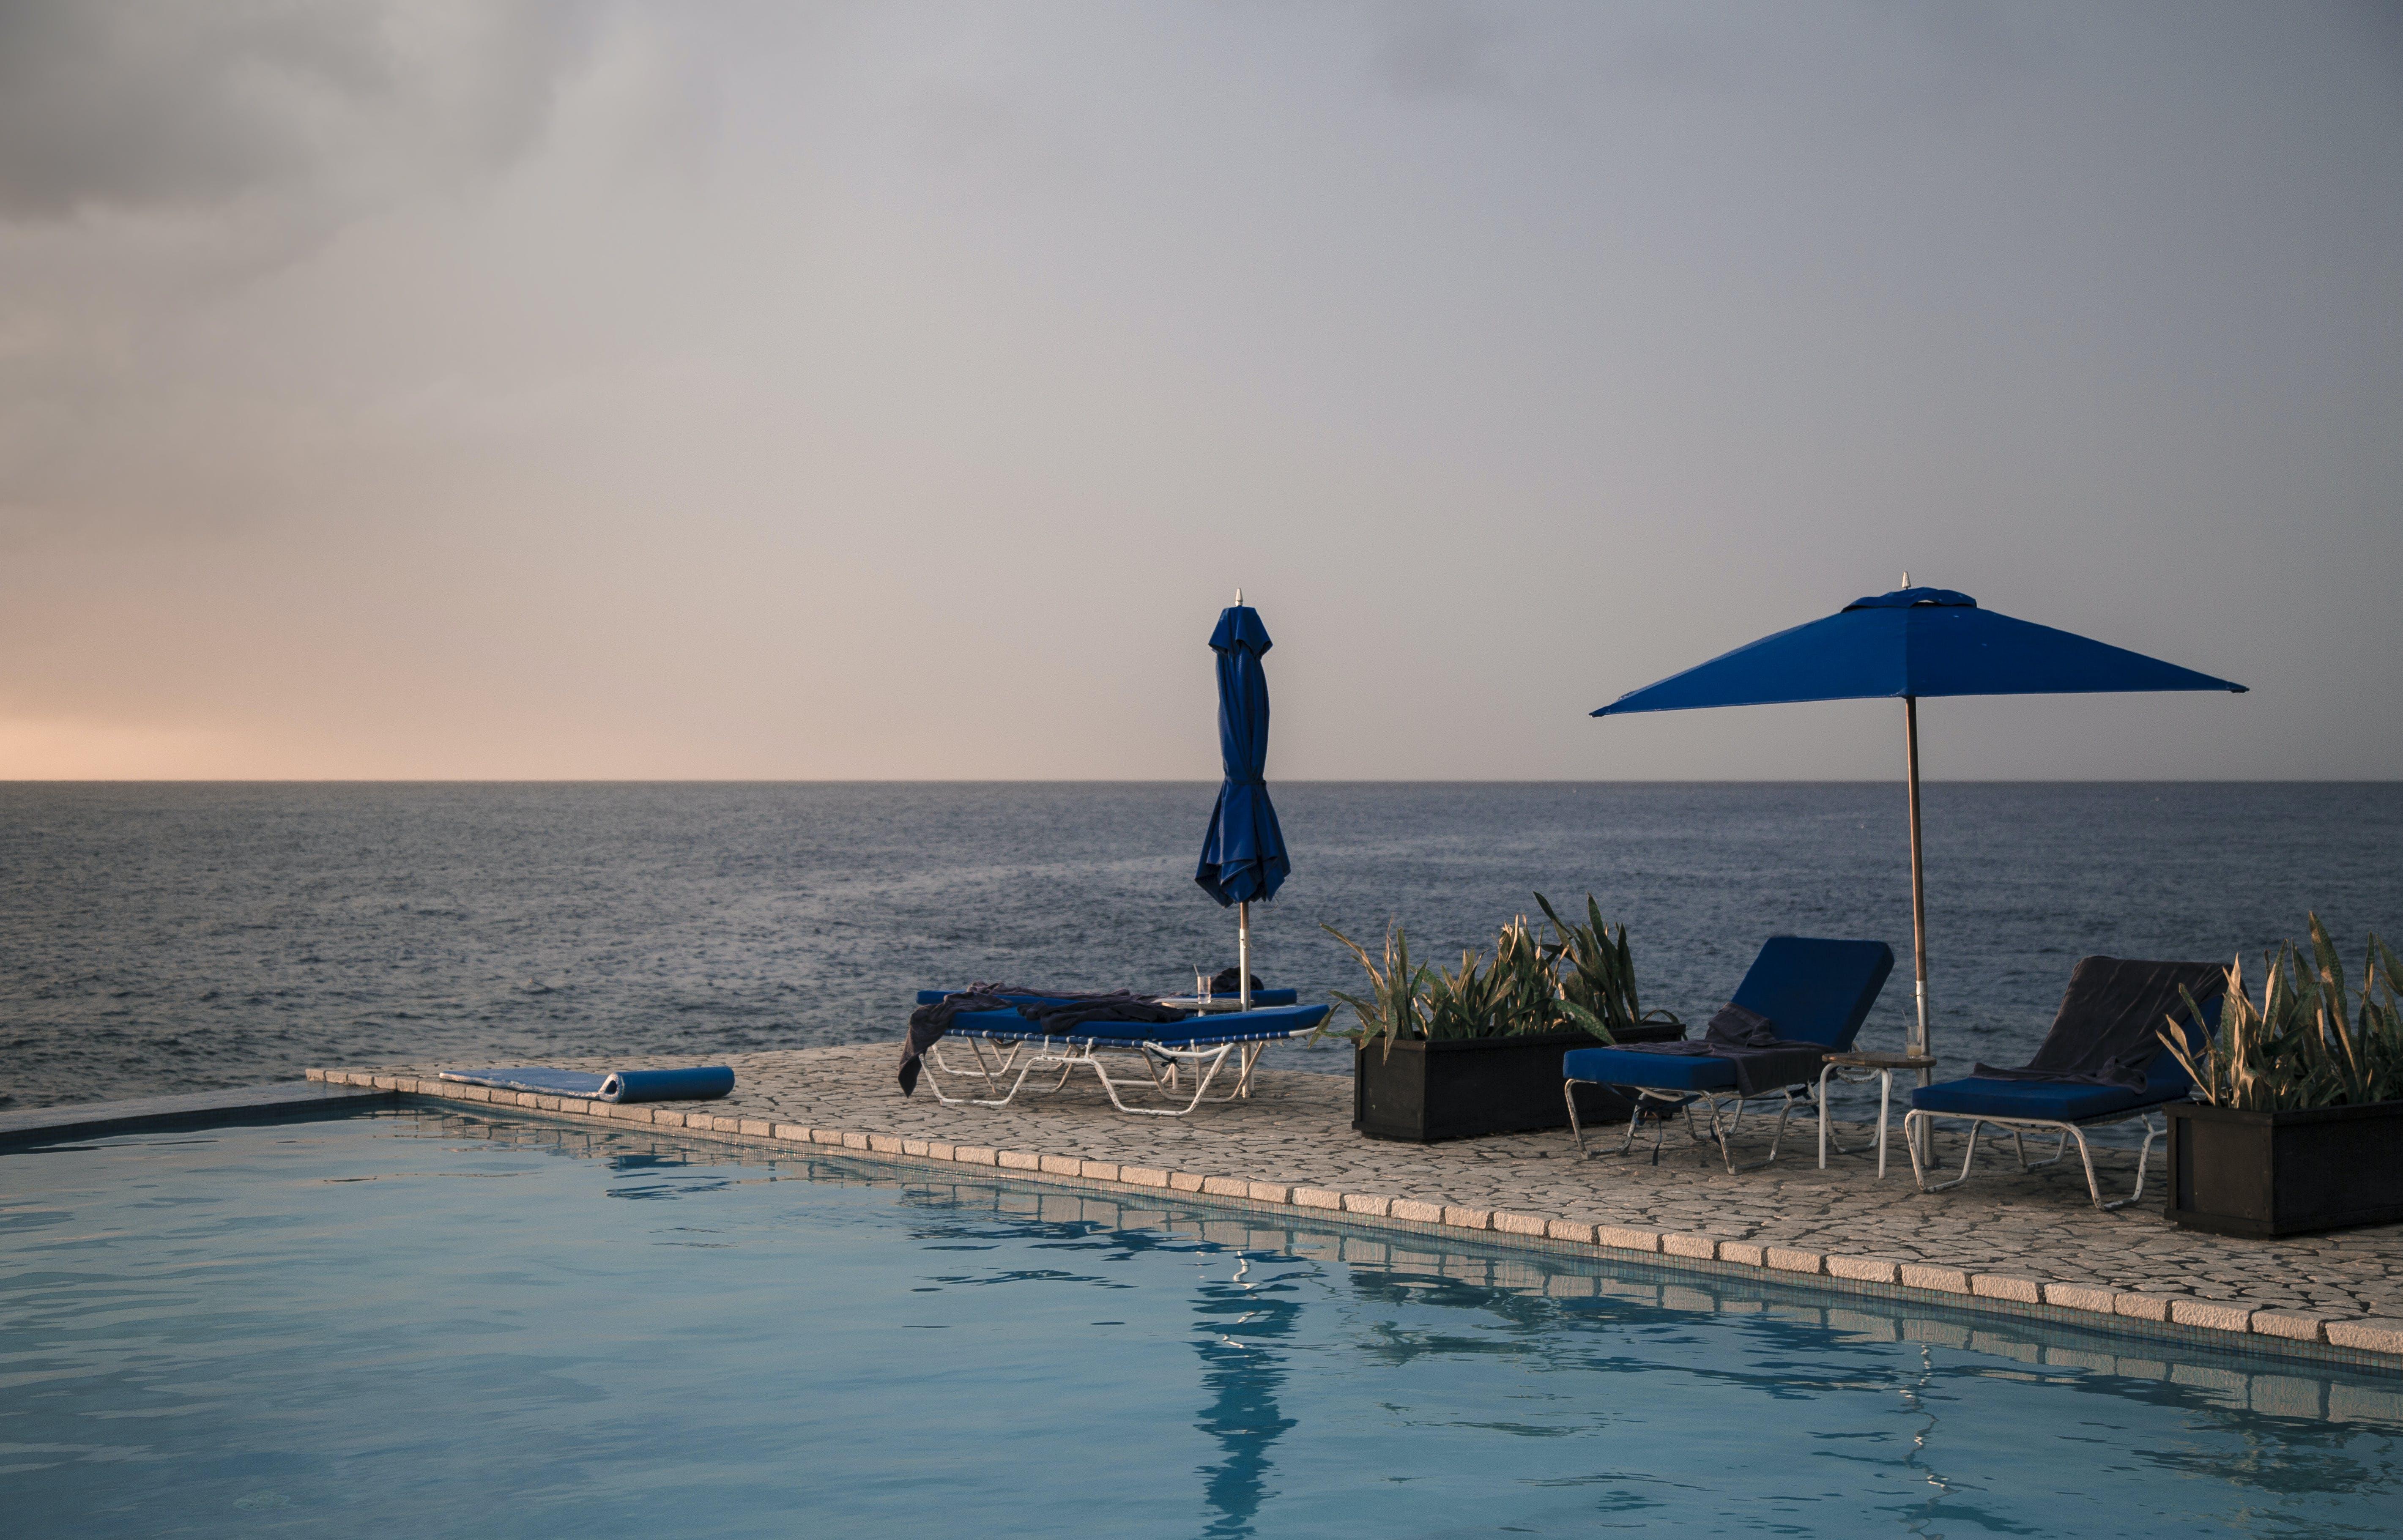 Fotos de stock gratuitas de mar, puesta de sol